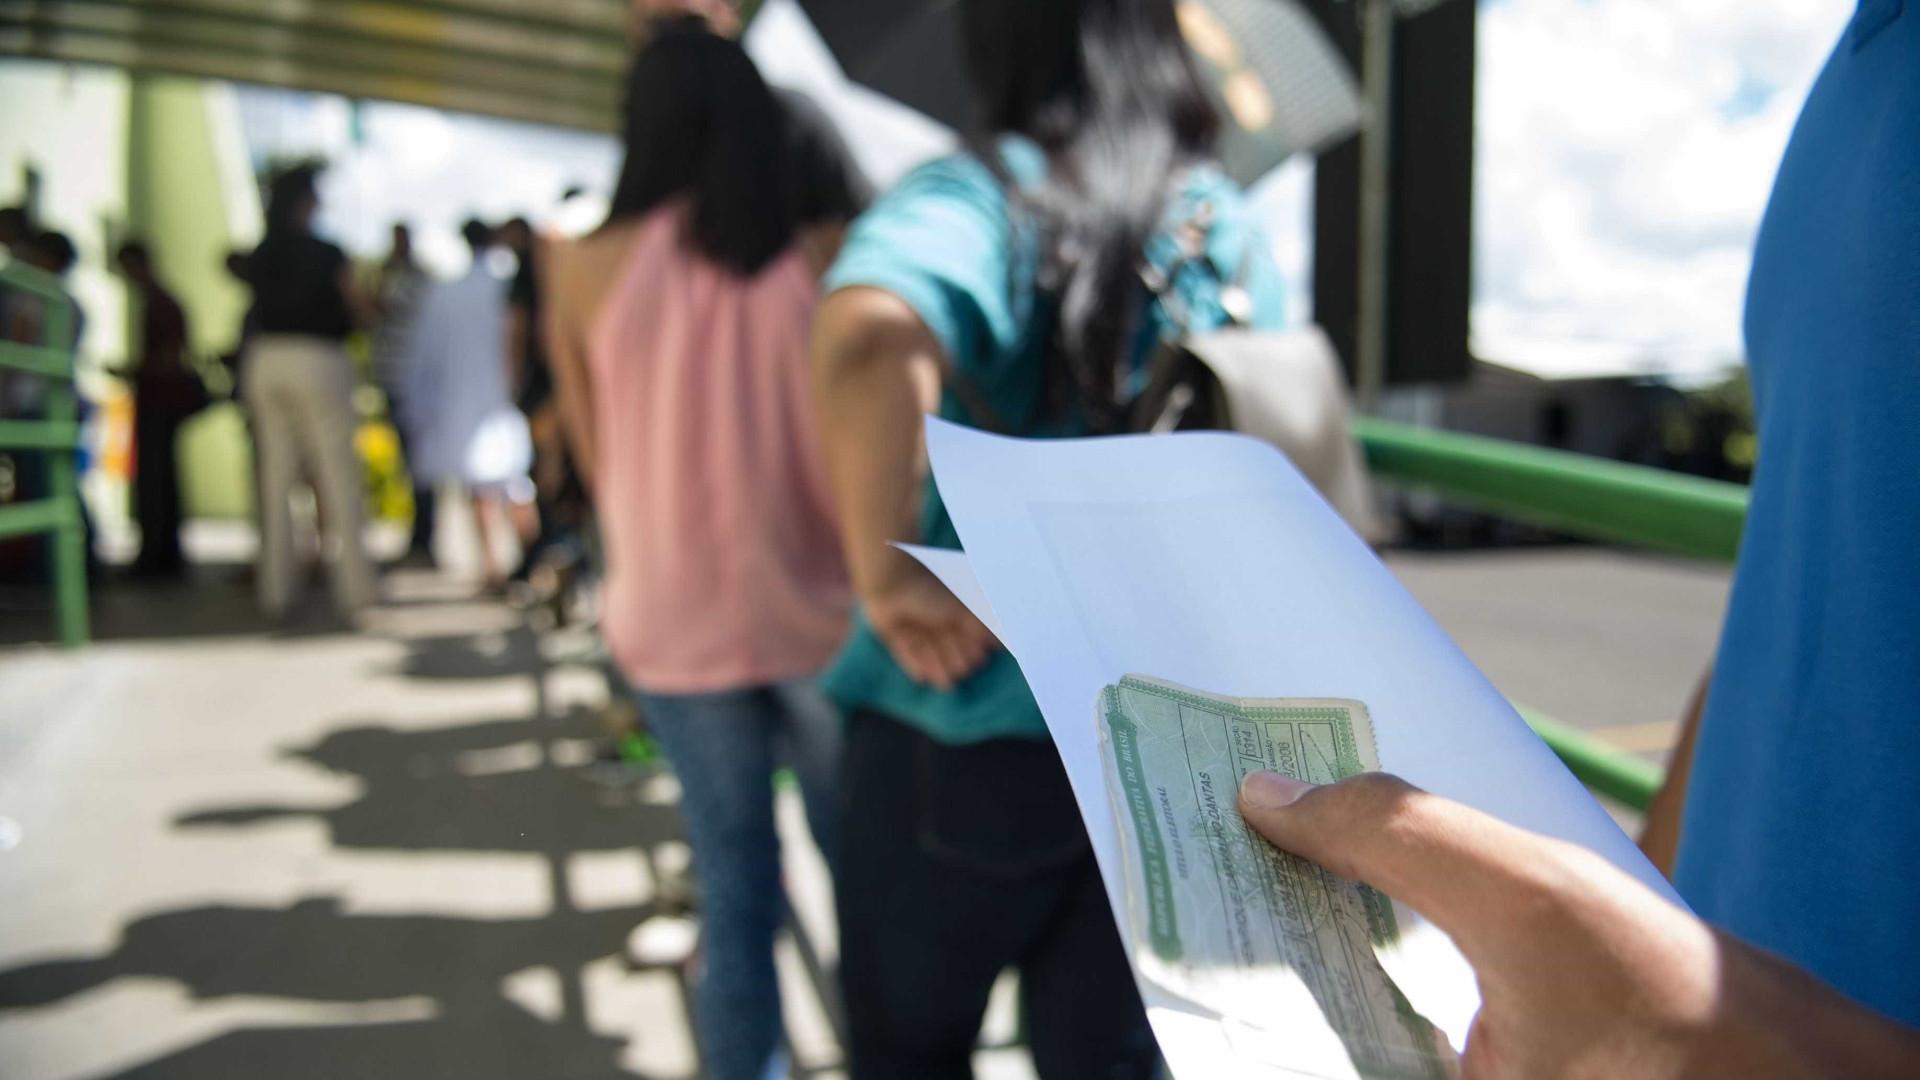 Eleitores brasileiros no exterior já iniciaram votação do 2º turno